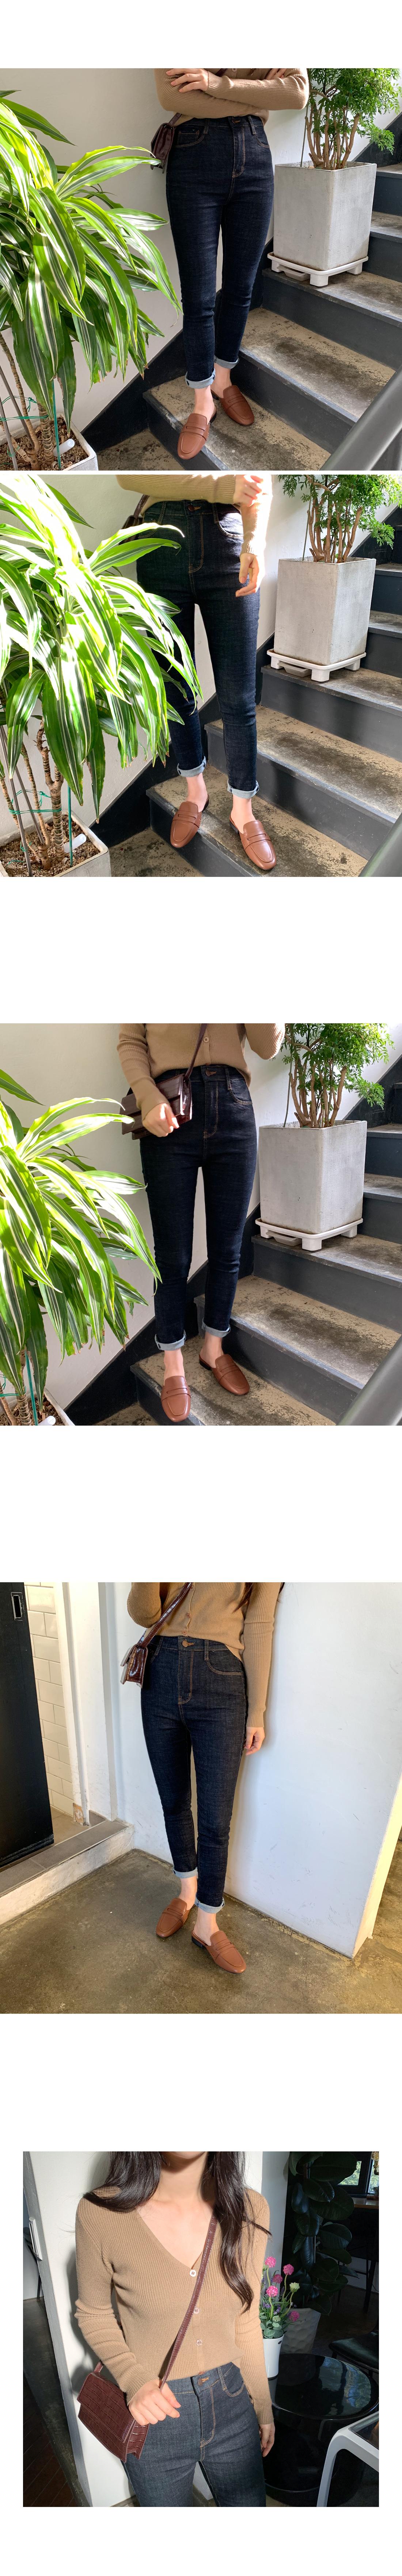 Brunch Bloper Shoes